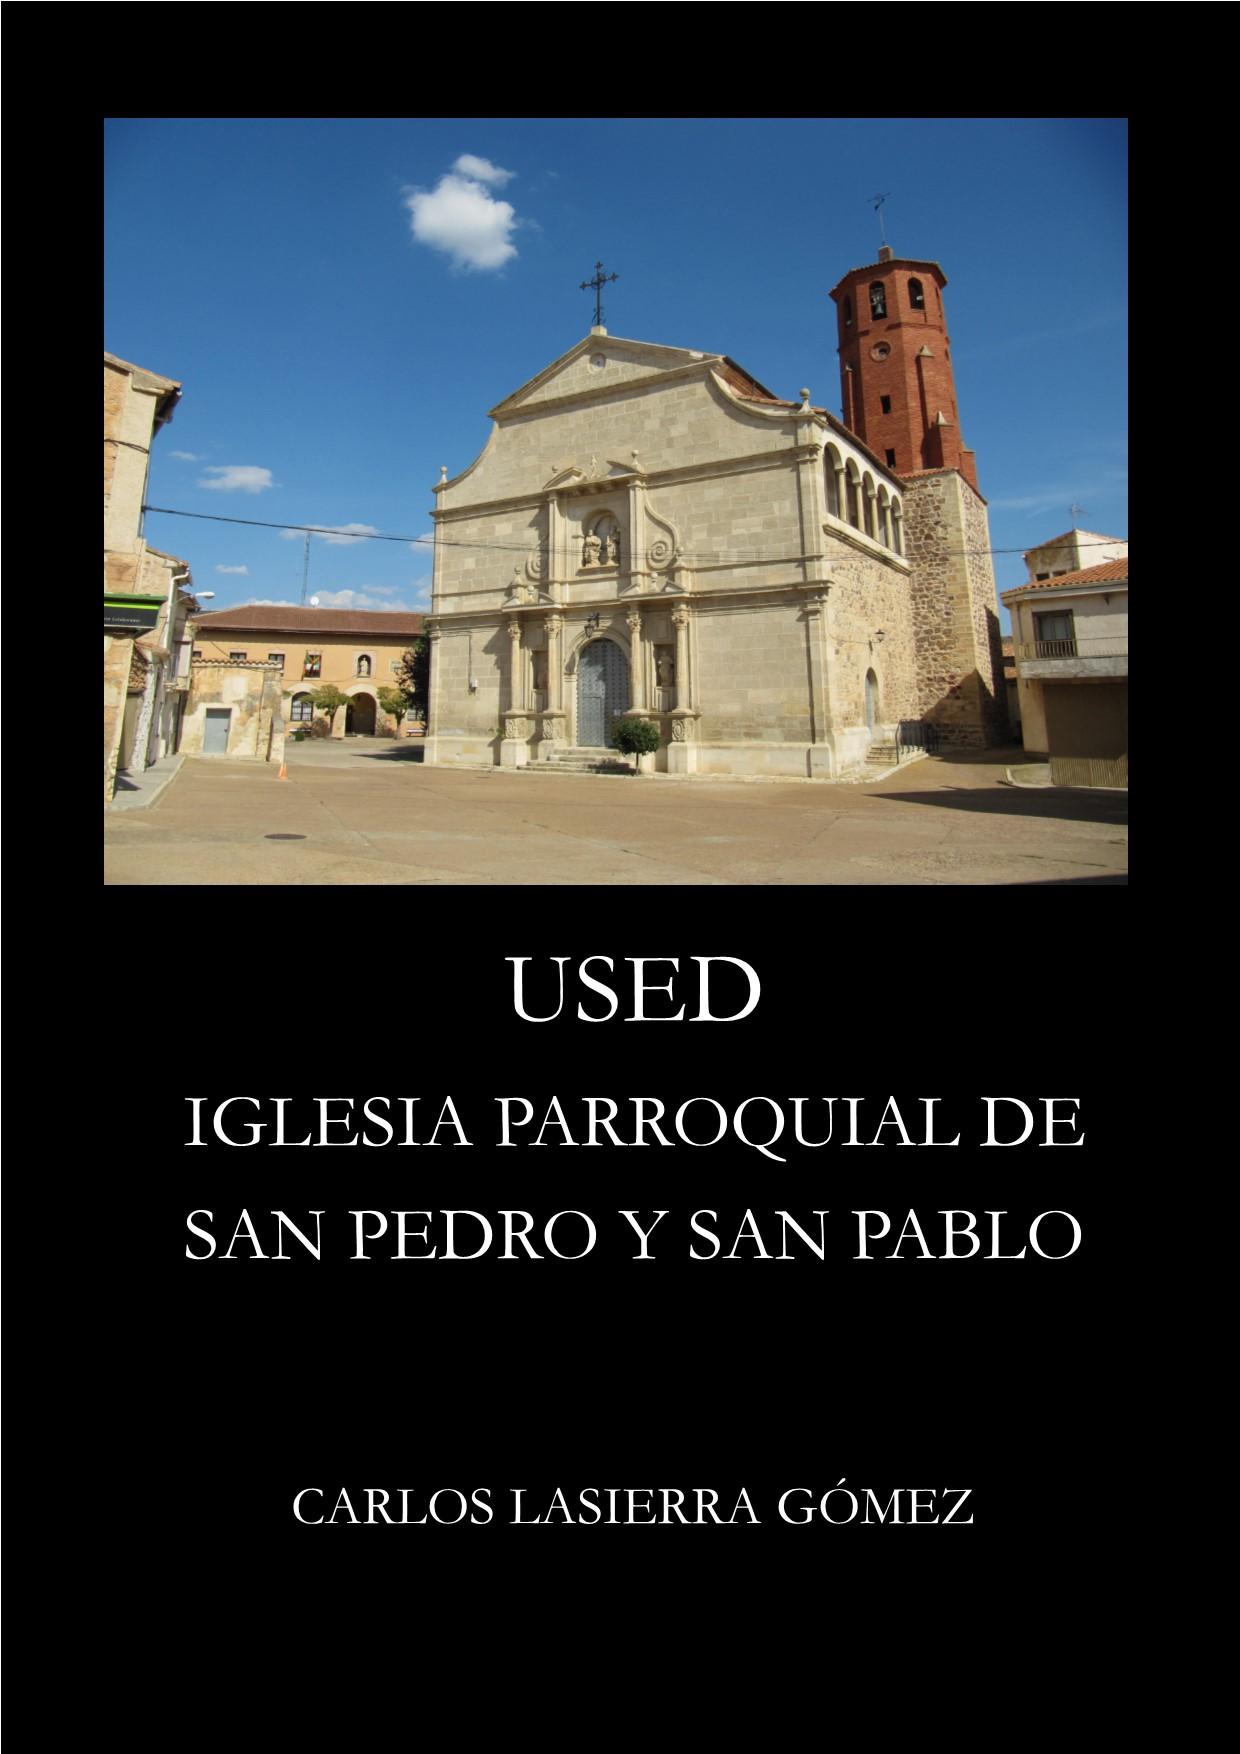 Used. Iglesia